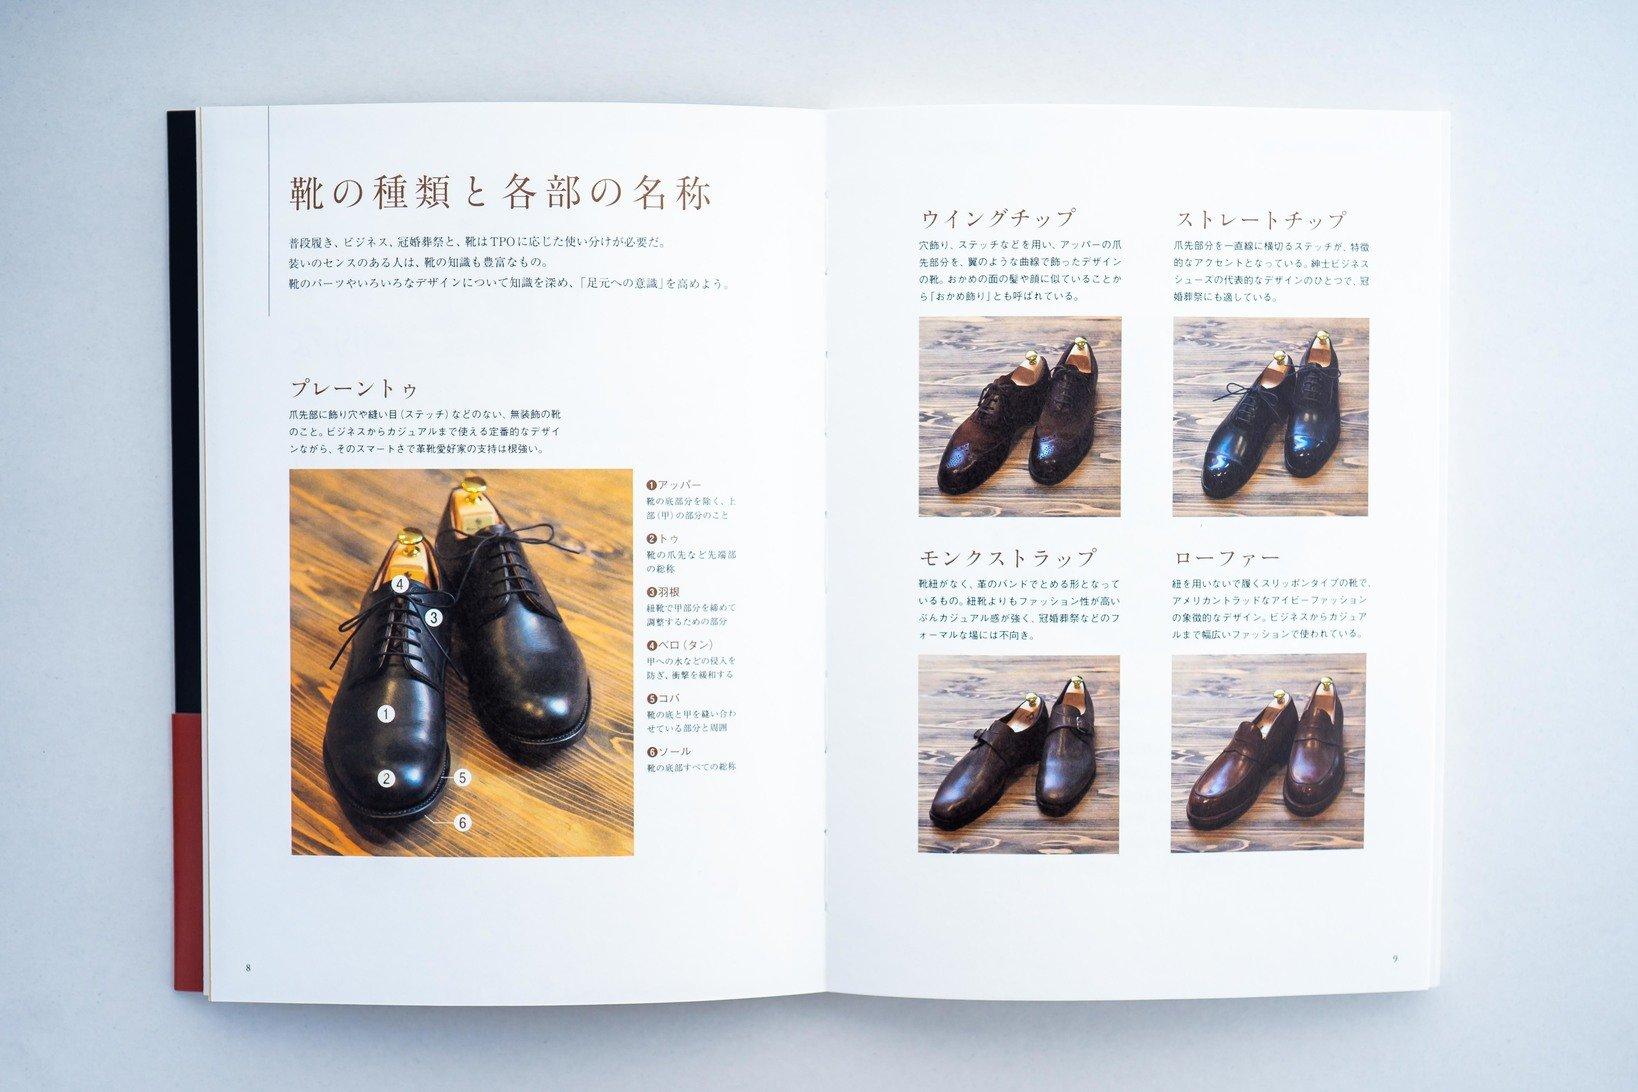 静孝一郎・著 『靴磨きの教科書 プロの技術はどこが違うのか』 毎日新聞出 版